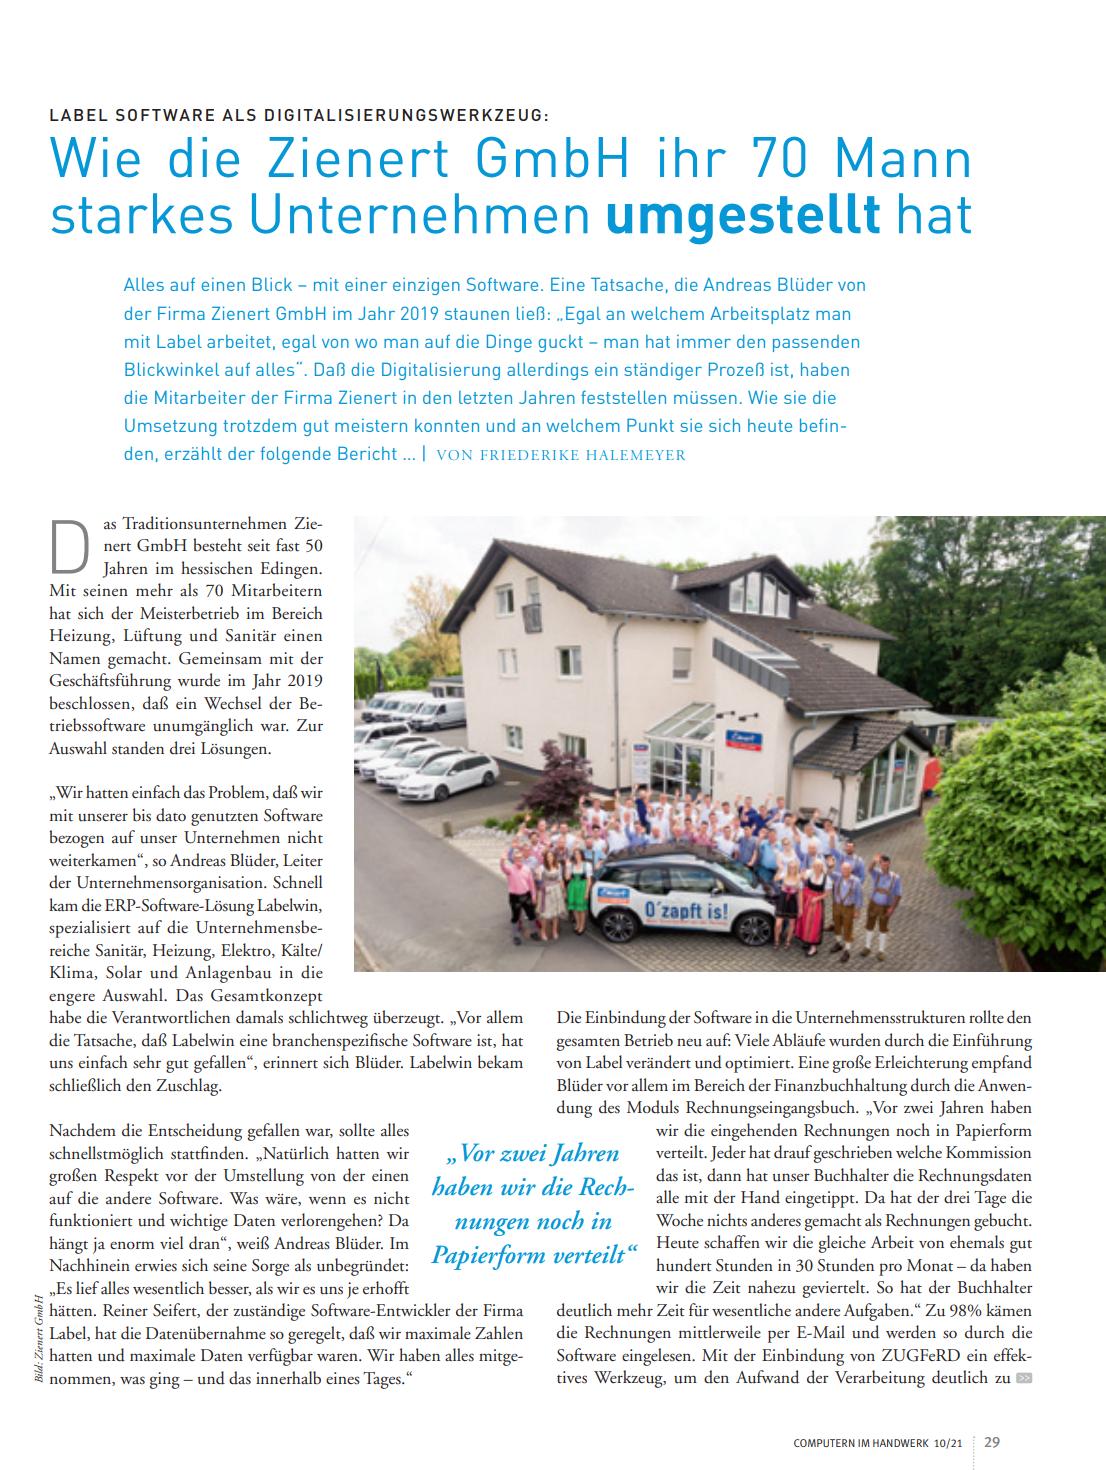 Wie die Zienert GmbH ihr 70 Mann starkes Unternehmen umgestellt hat